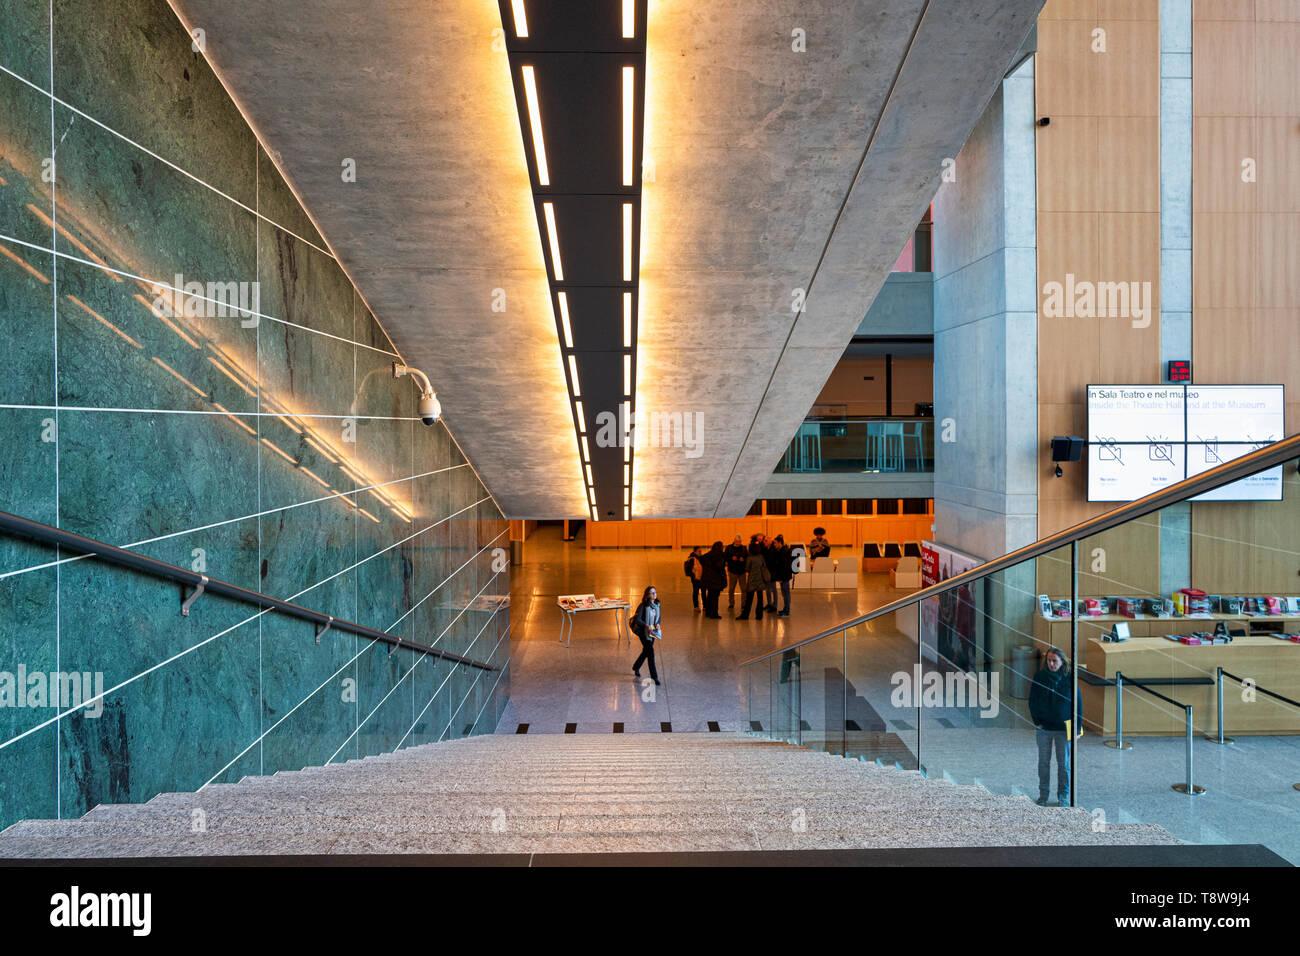 Lugano Arte e Cultura (LAC) ist ein kulturelles Zentrum mit Musik, Video und Performance Kunst im Jahr 2015 in Lugano in der Schweiz eröffnet. Die LAC-Center Stockbild